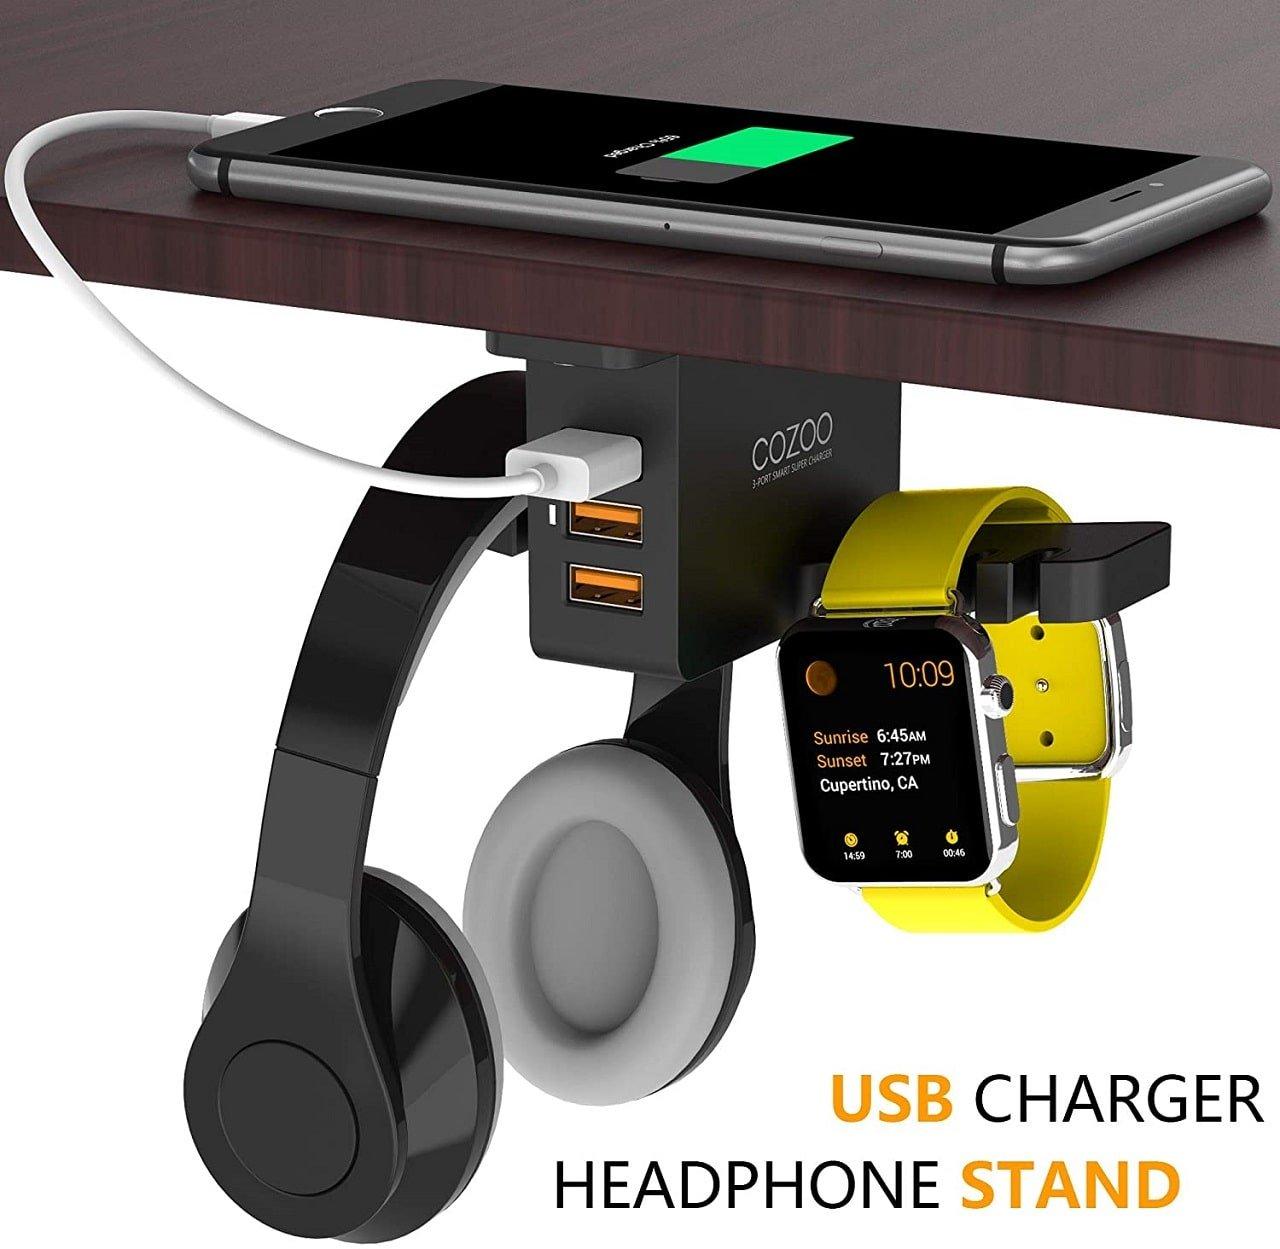 COZOO Headphone Hanger with USB